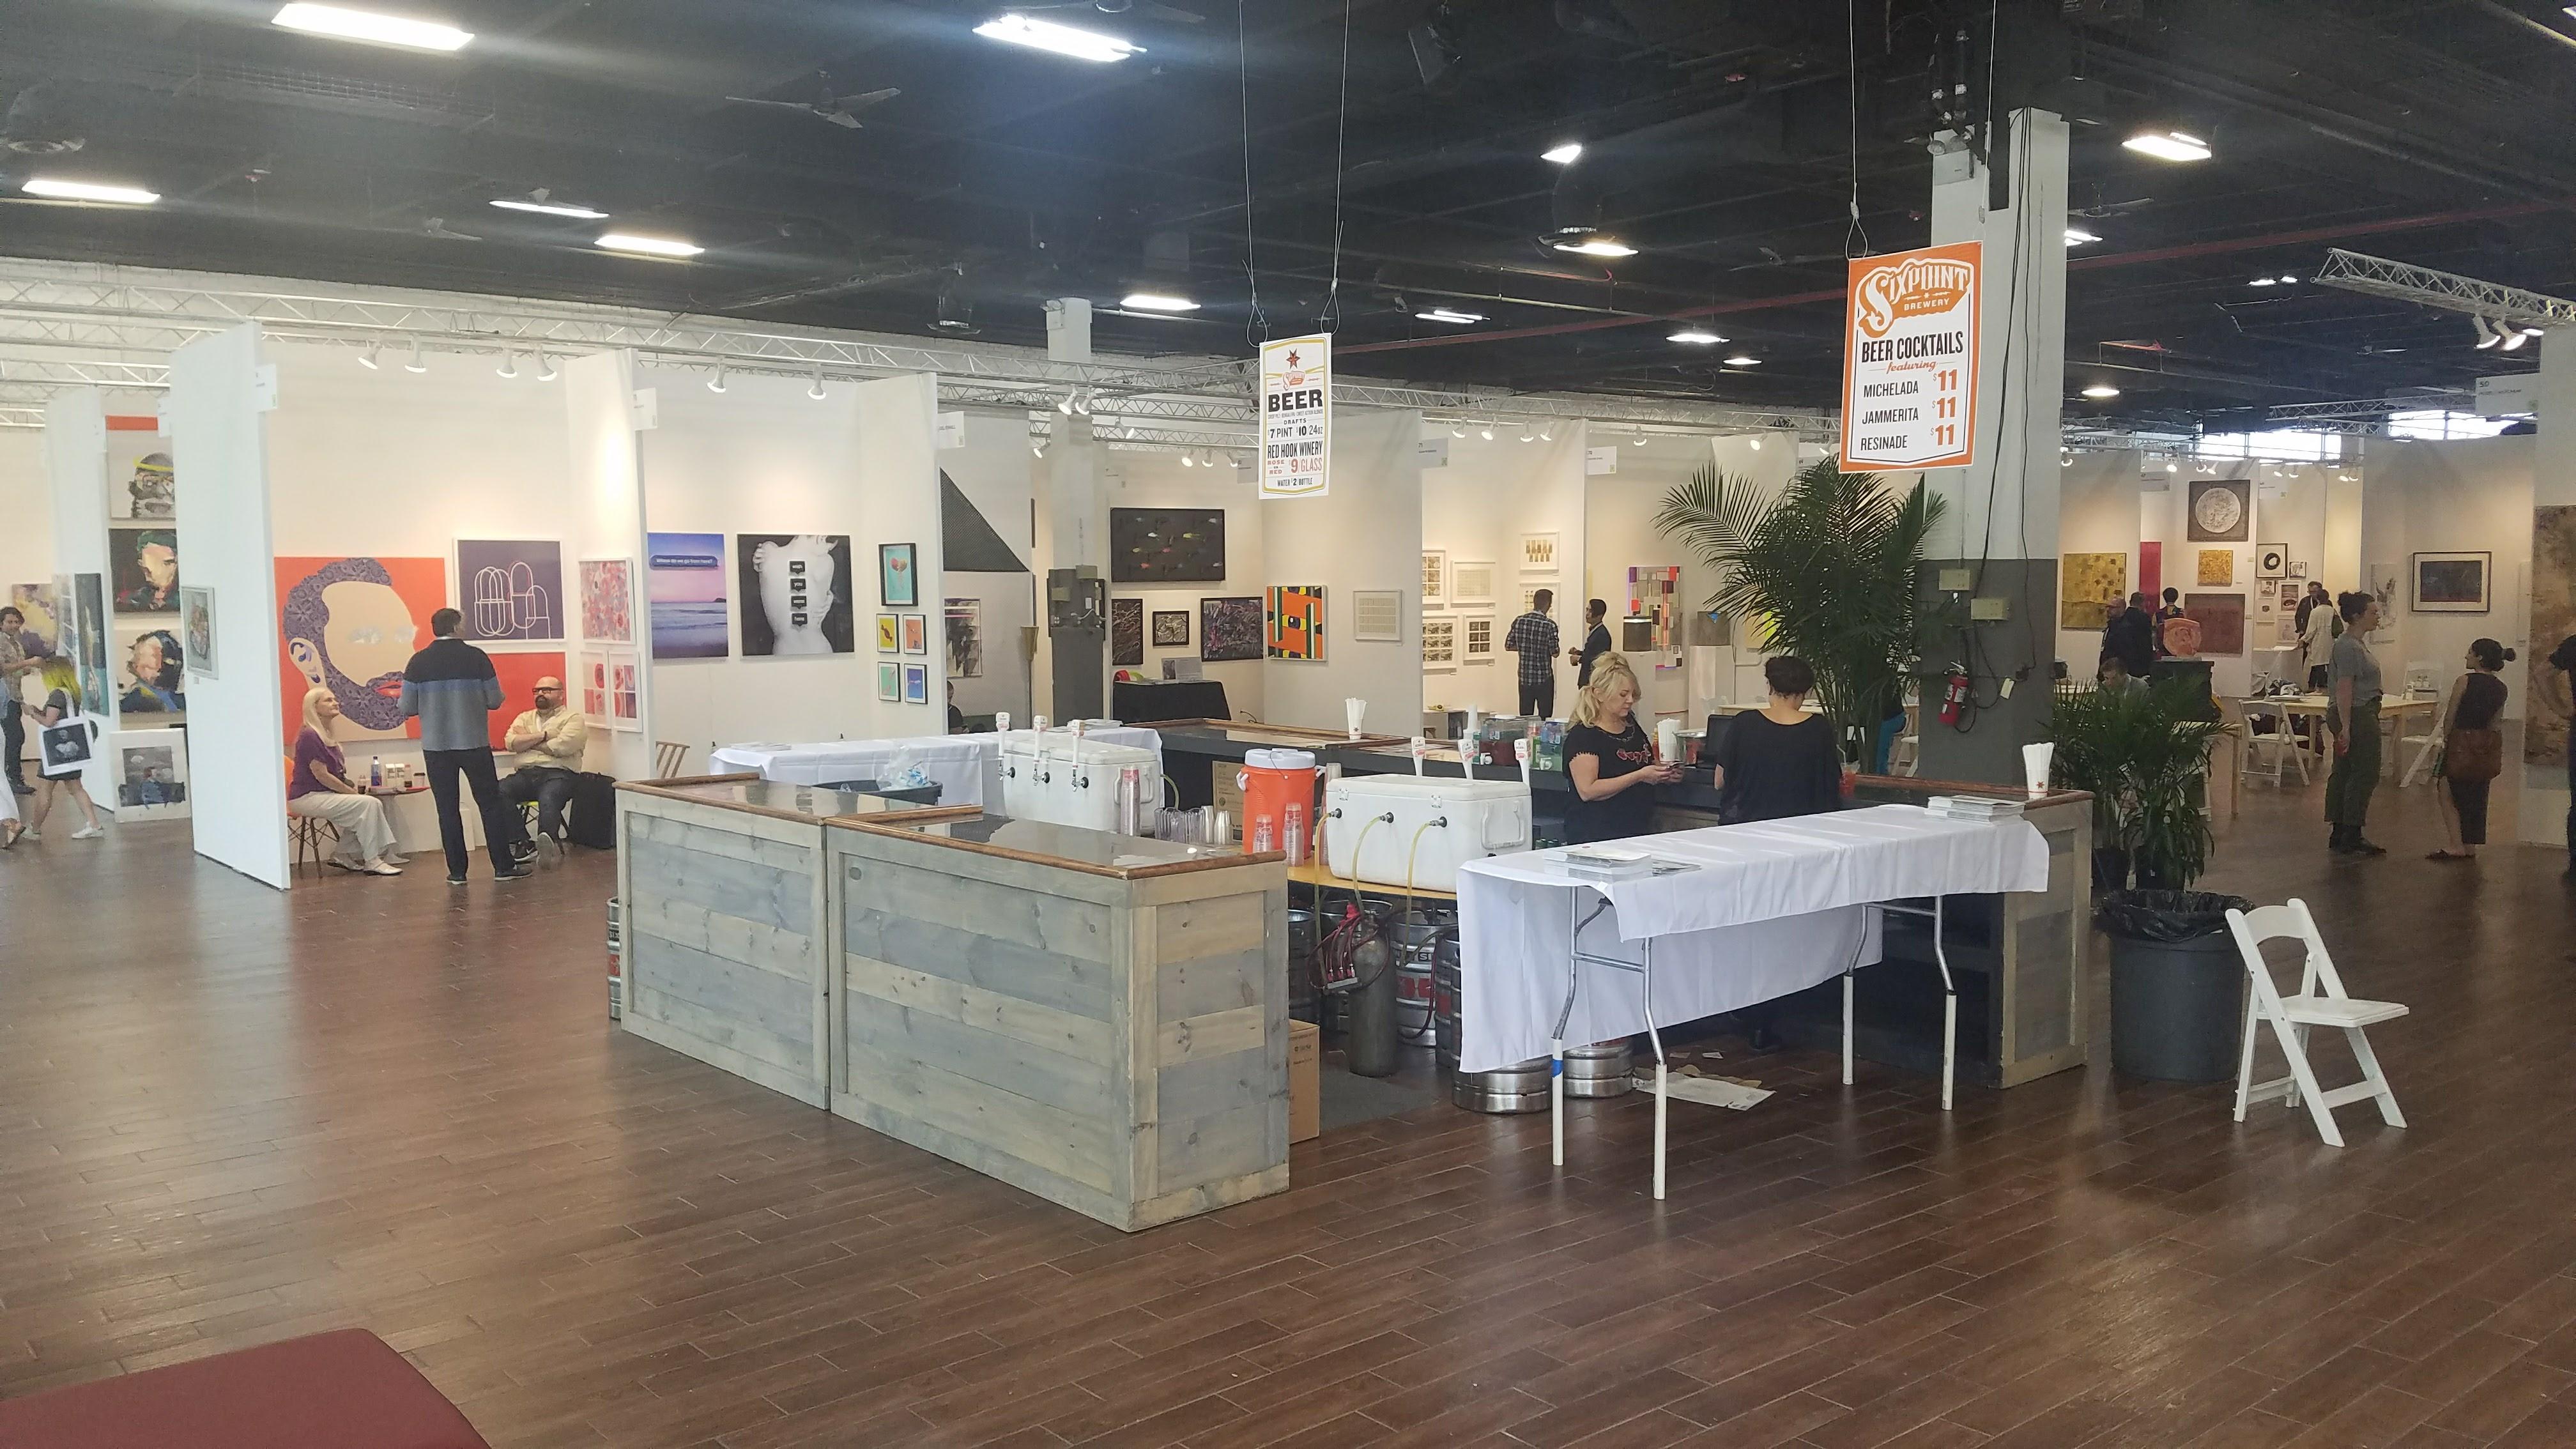 The Other Art Fair 2 Brooklyn Expo Center